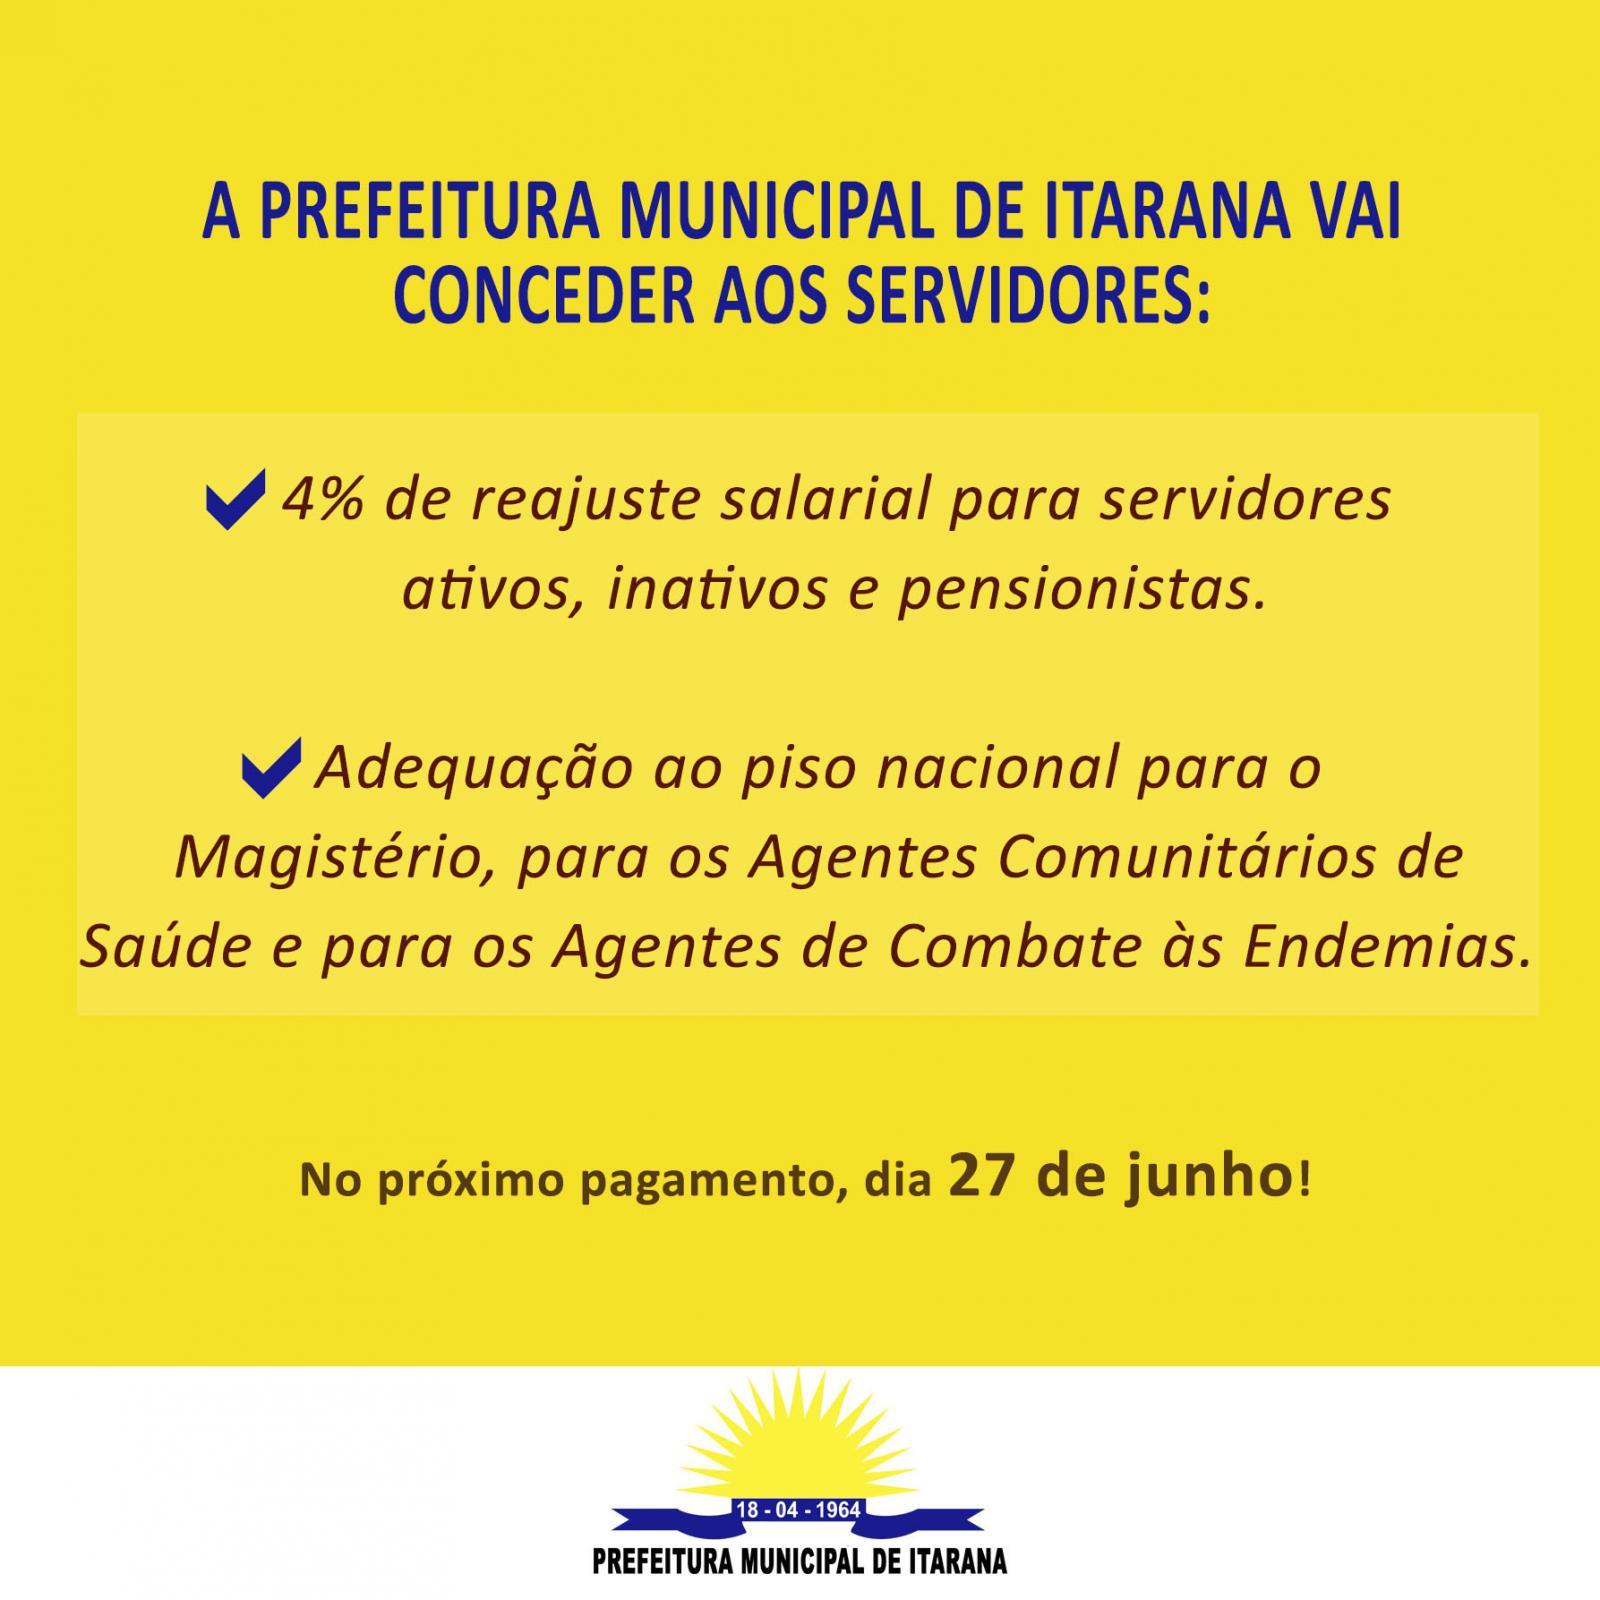 Prefeitura de Itarana vai conceder reajuste salarial aos servidores públicos municipais